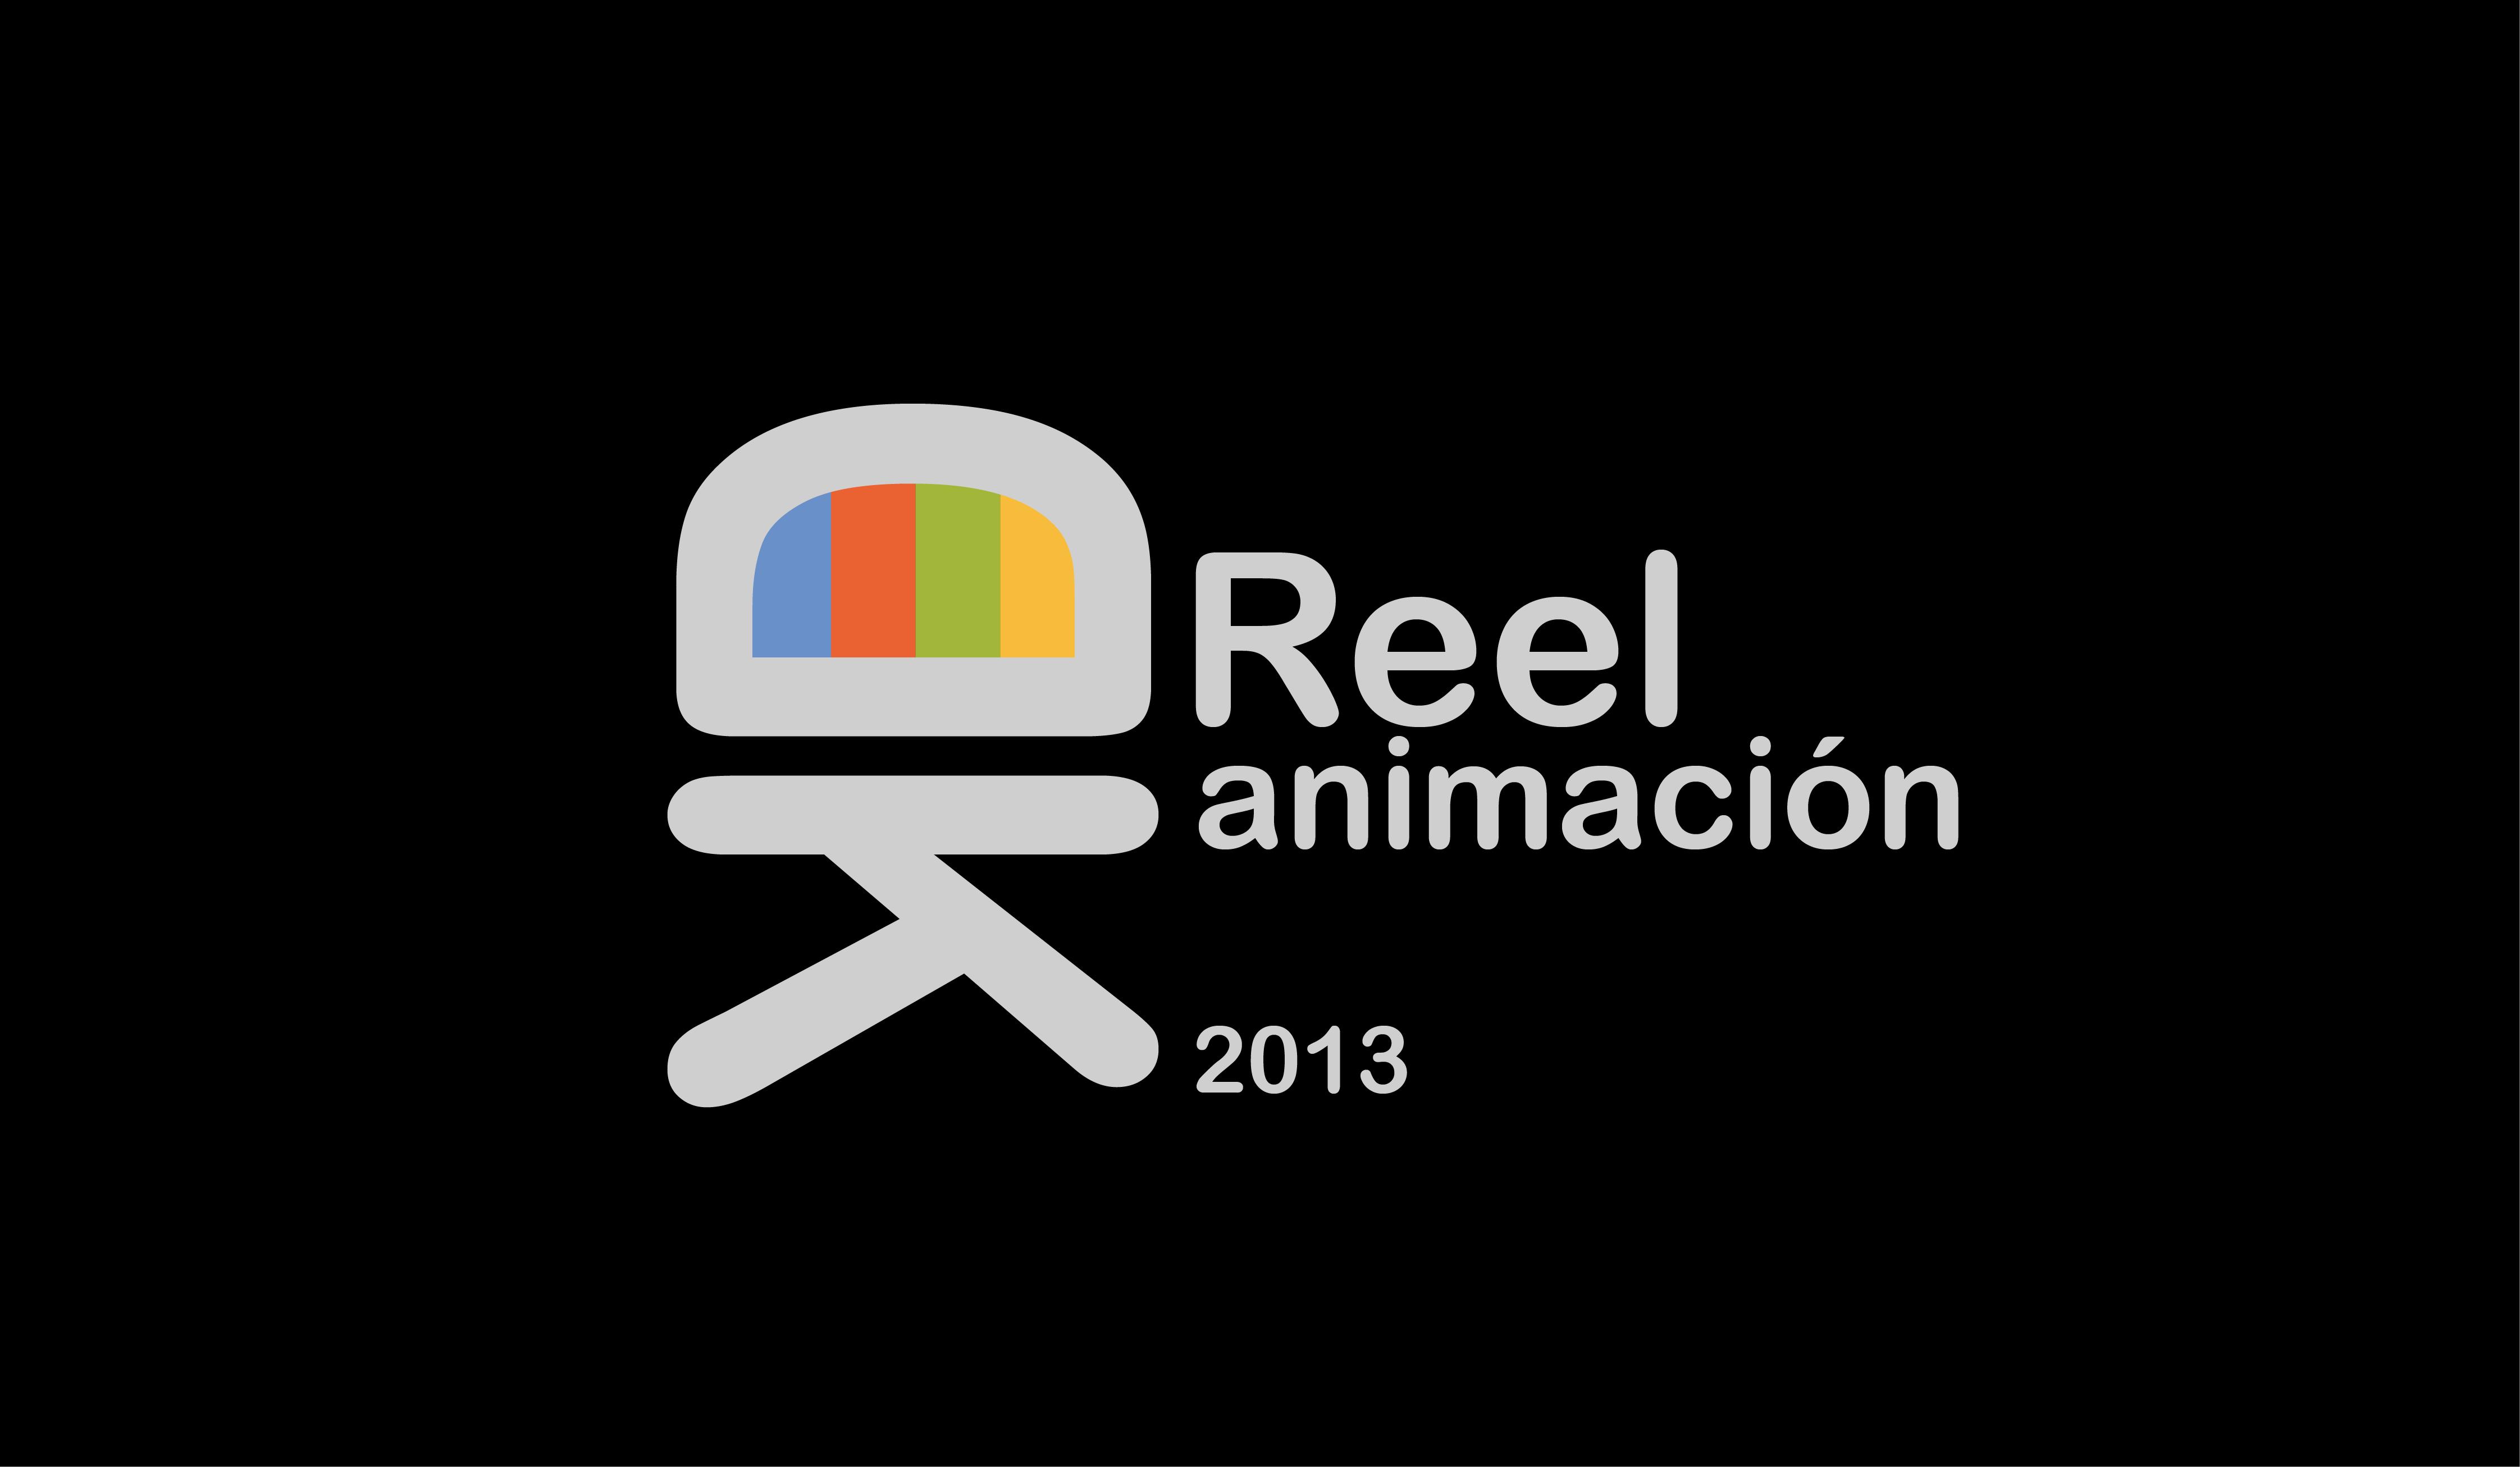 Reel animación / 2013